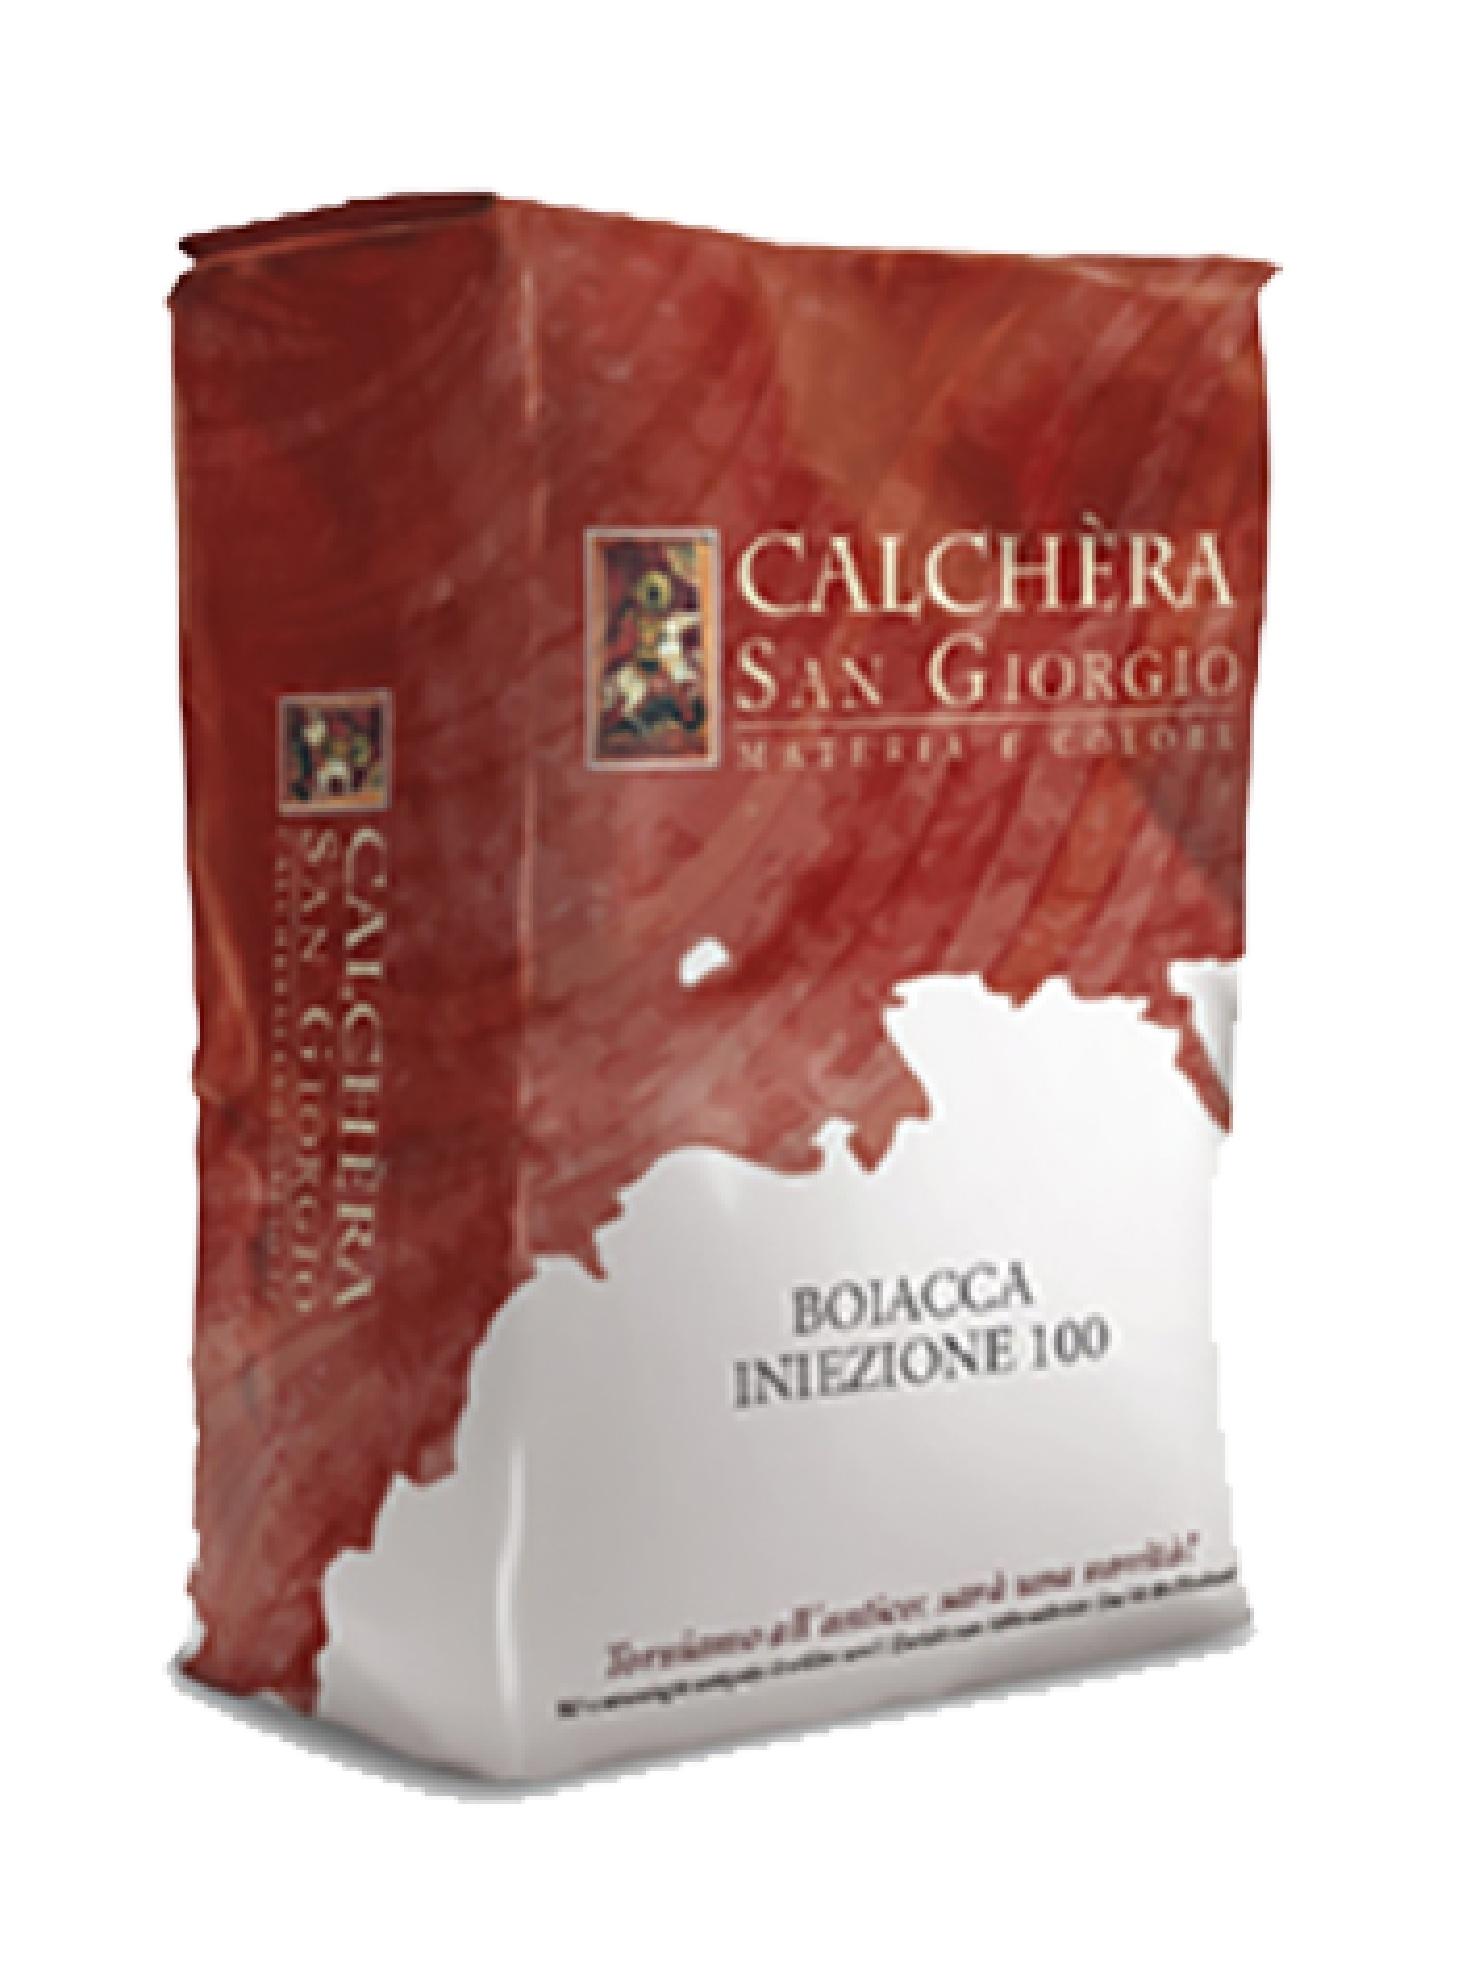 Boiacca Inziezione 100: Injectiemortel voor het structureel verstevigen van historisch metselw - Promacom